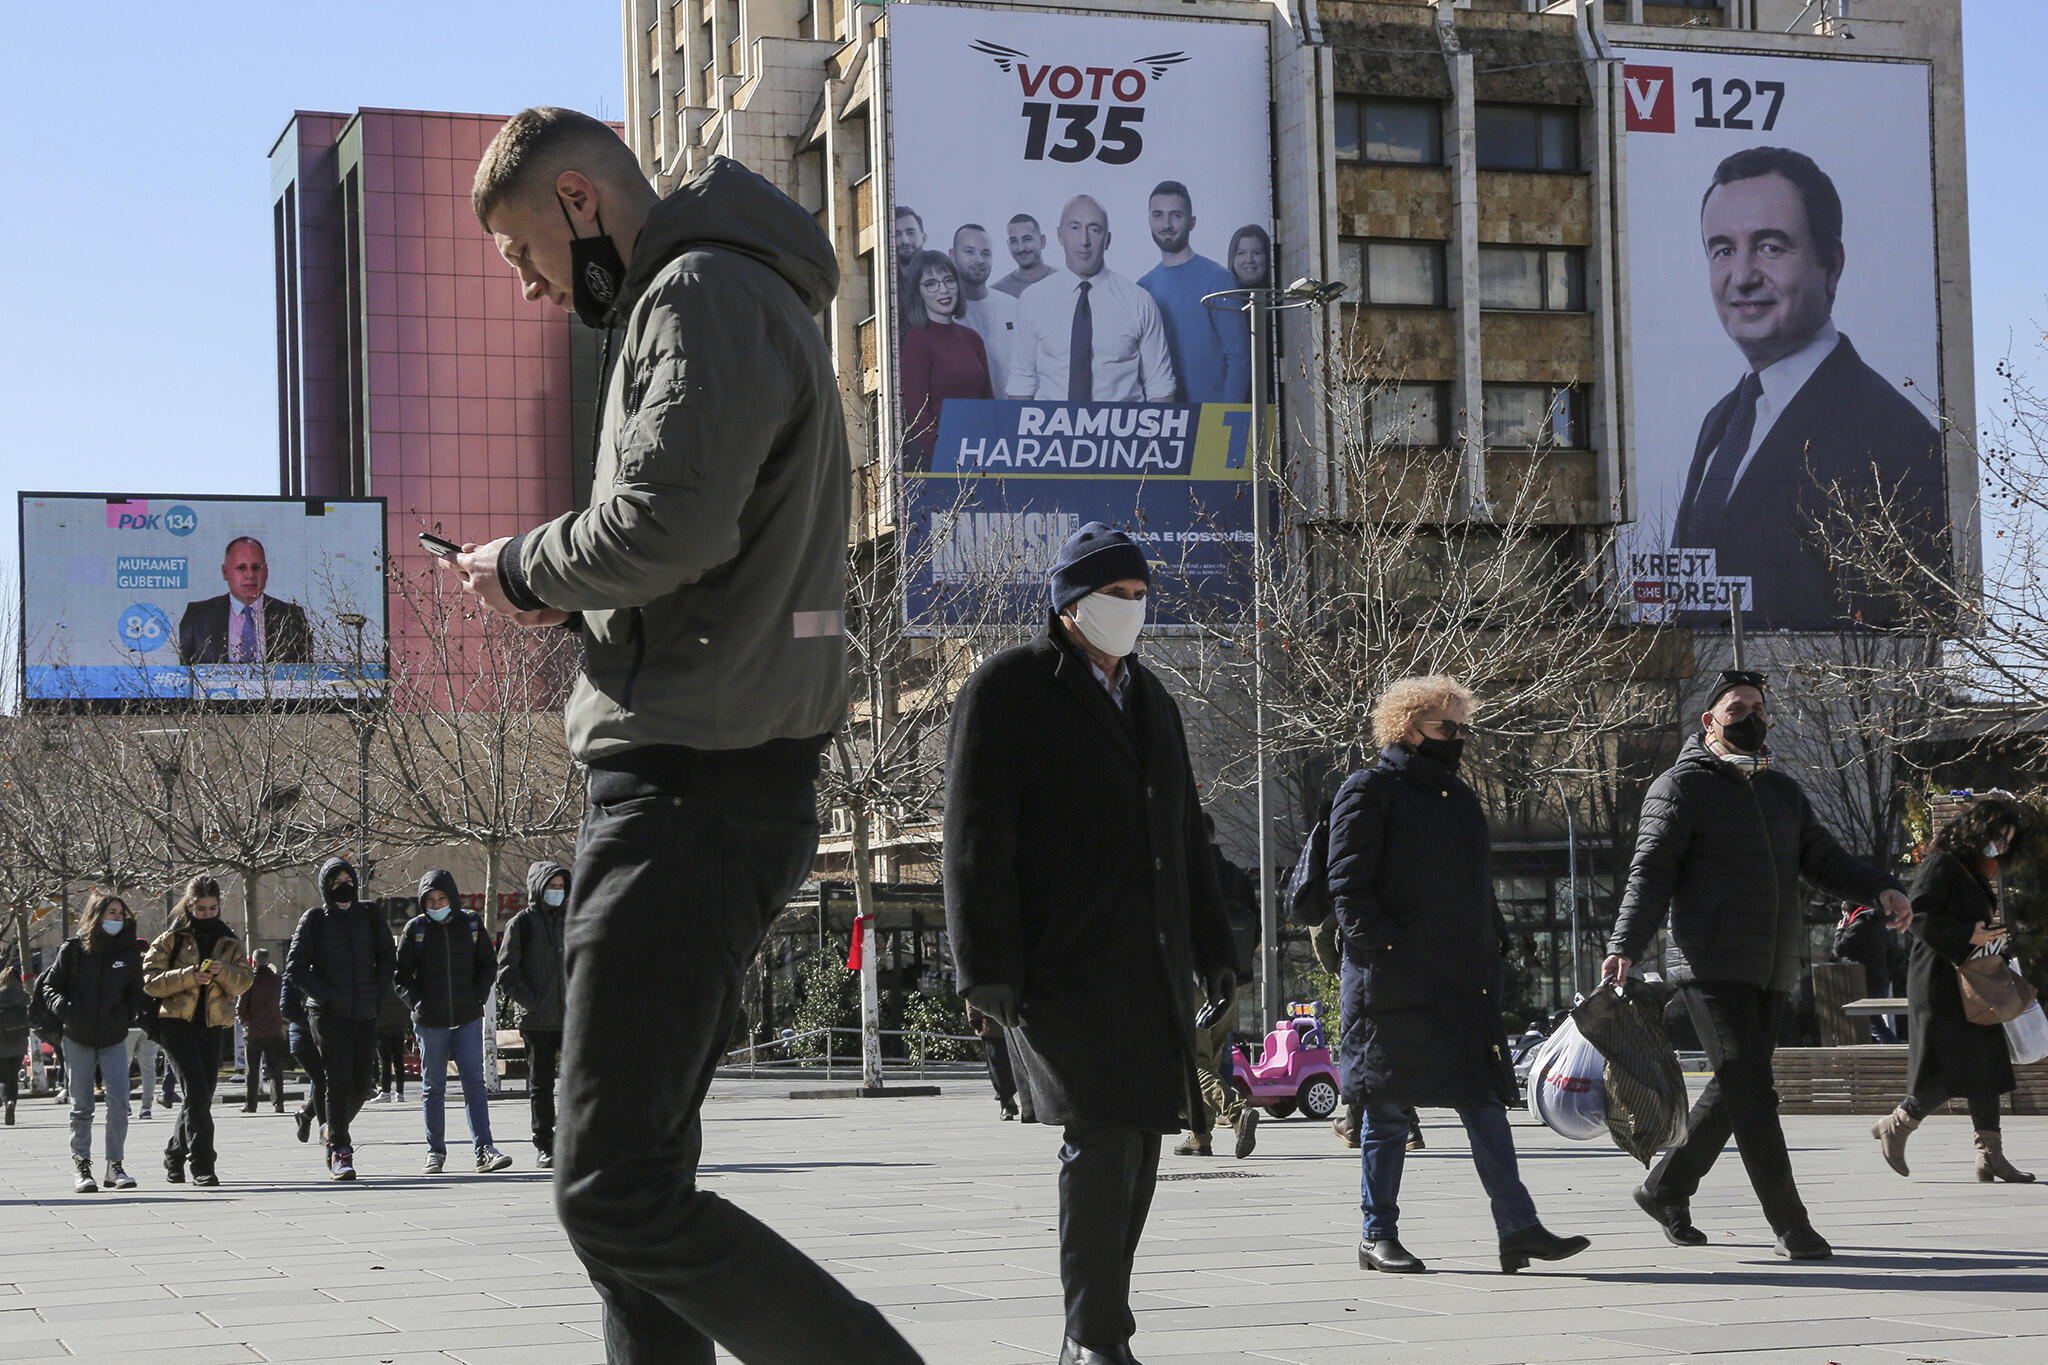 Kosovo - Pristina - Elections anticipés - affiches électorales - AP21043470462153